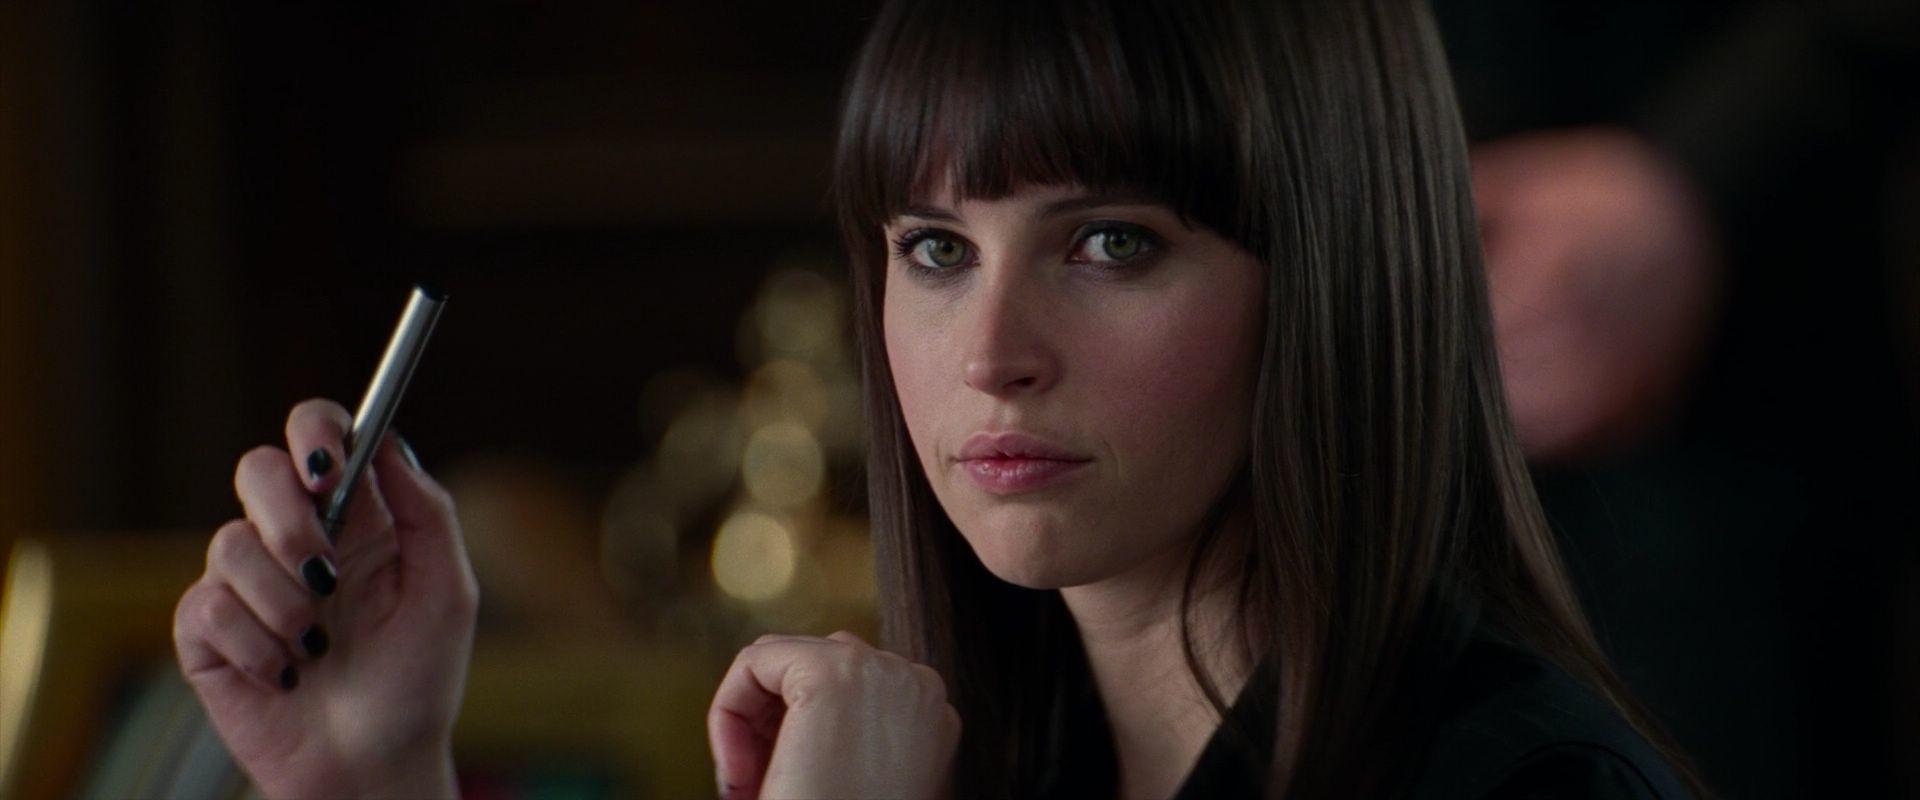 Felicia Hardy (Felicity Jones) | Spider-Man Films Wiki ...